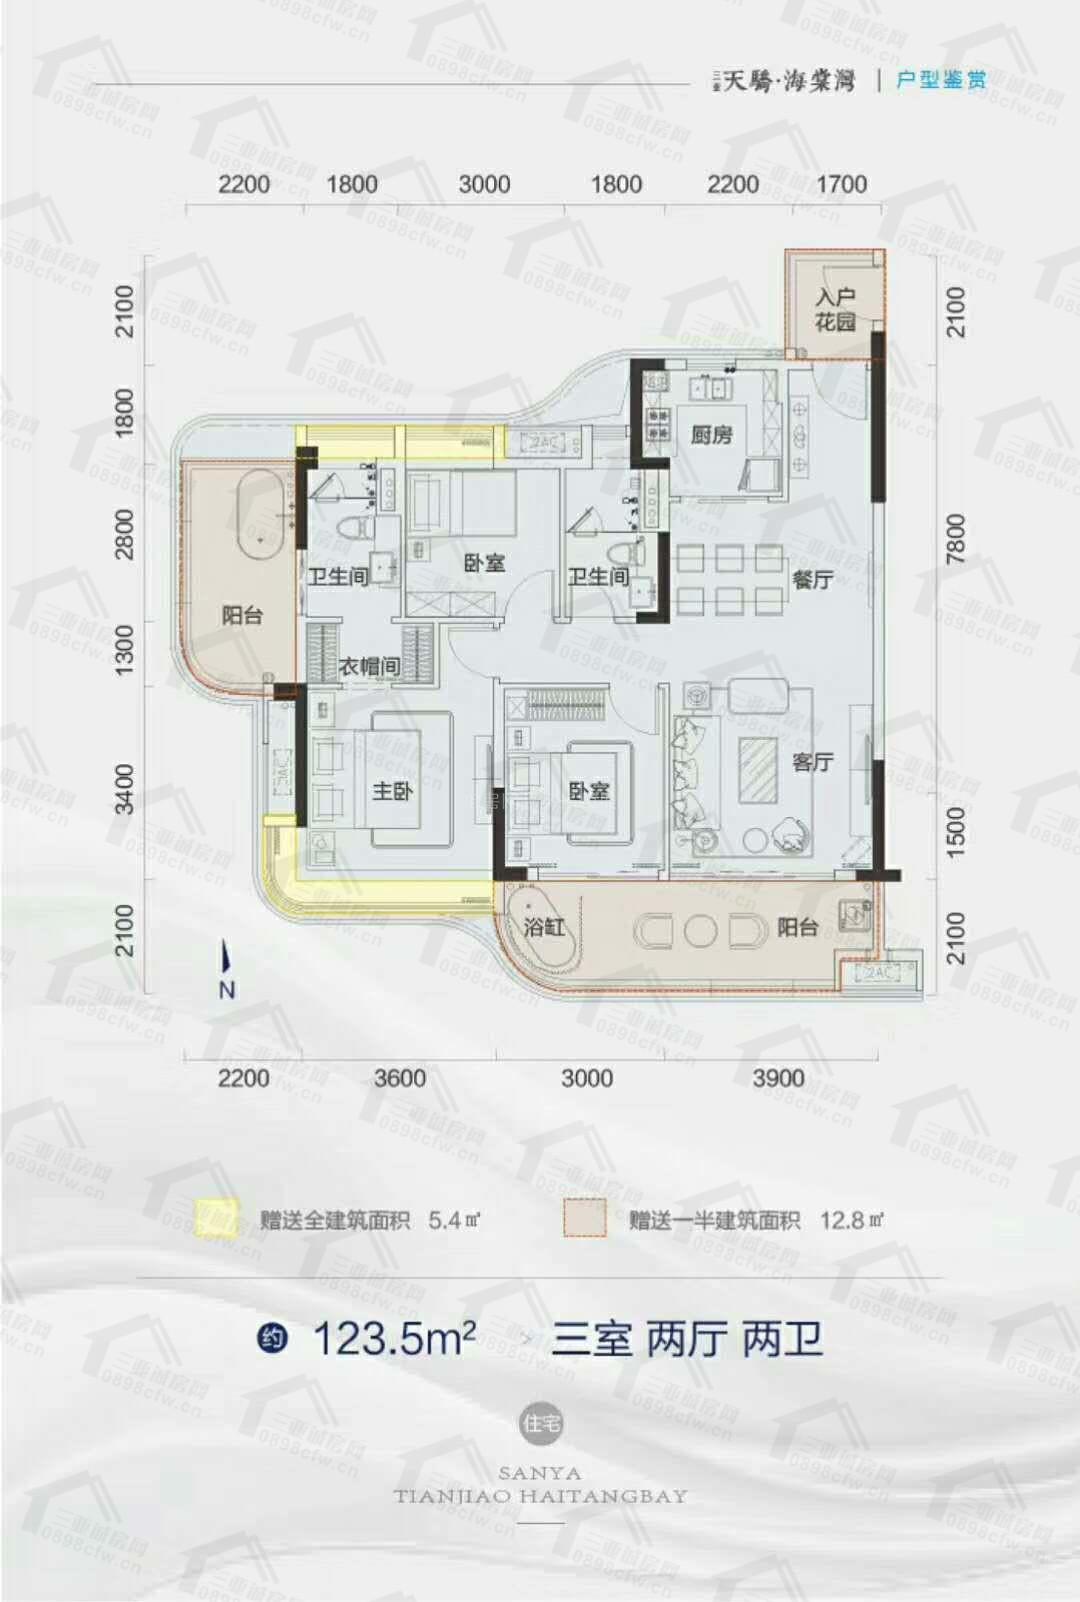 天骄海棠湾3房2厅2卫